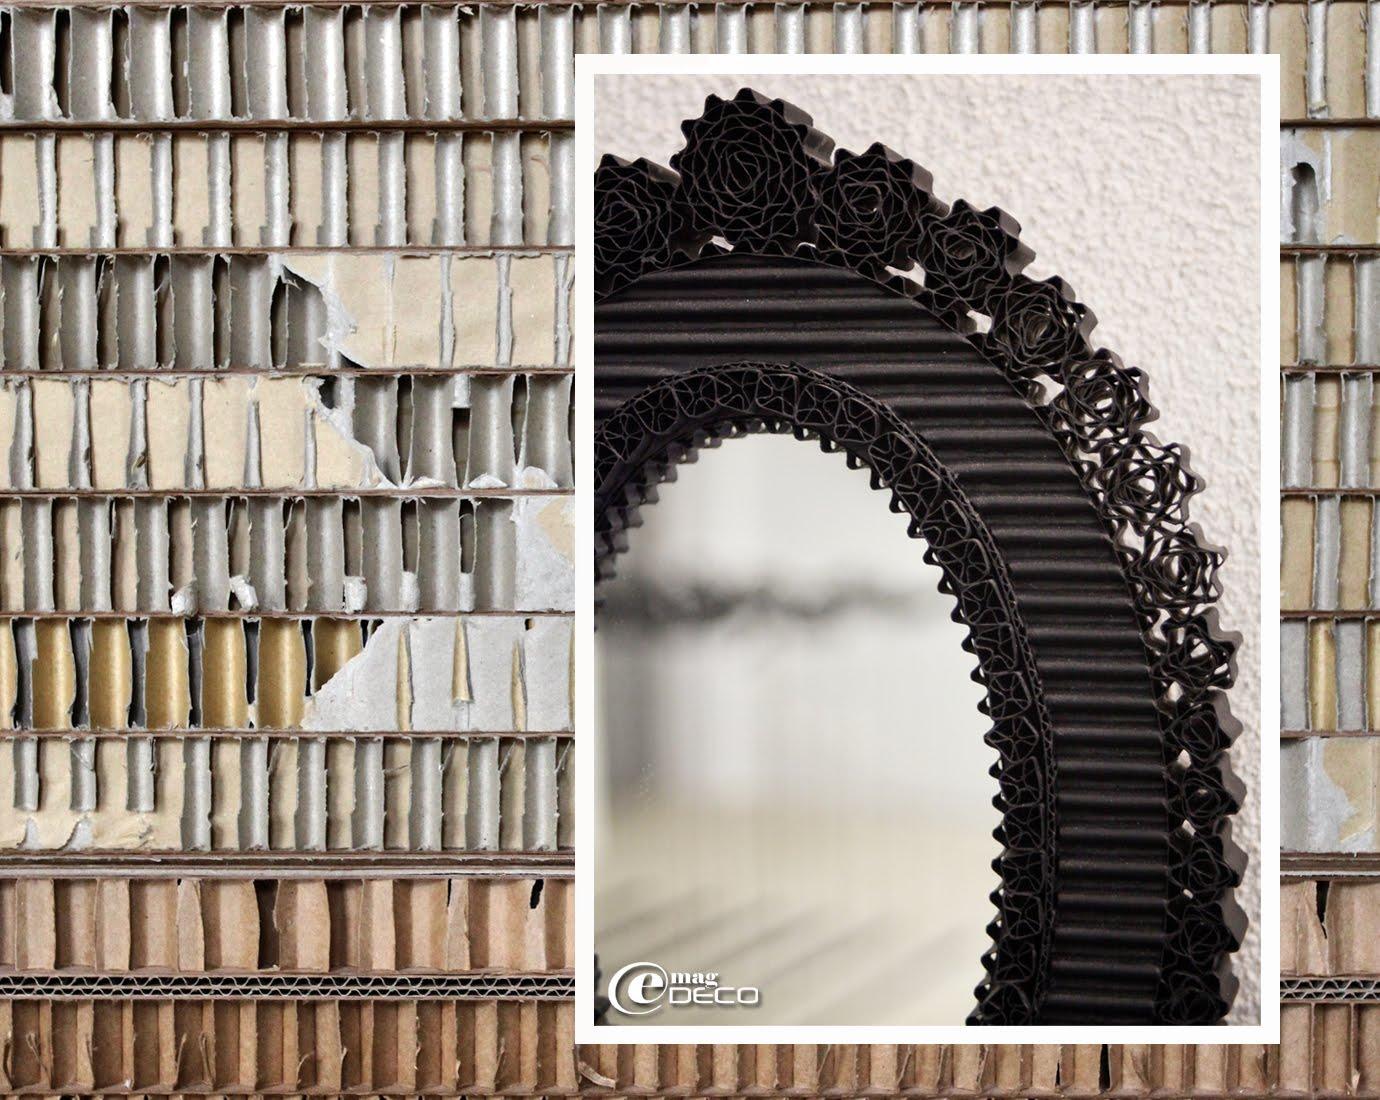 Détail du miroir ovale 46 Roses, création en carton de Cécile Chappuis